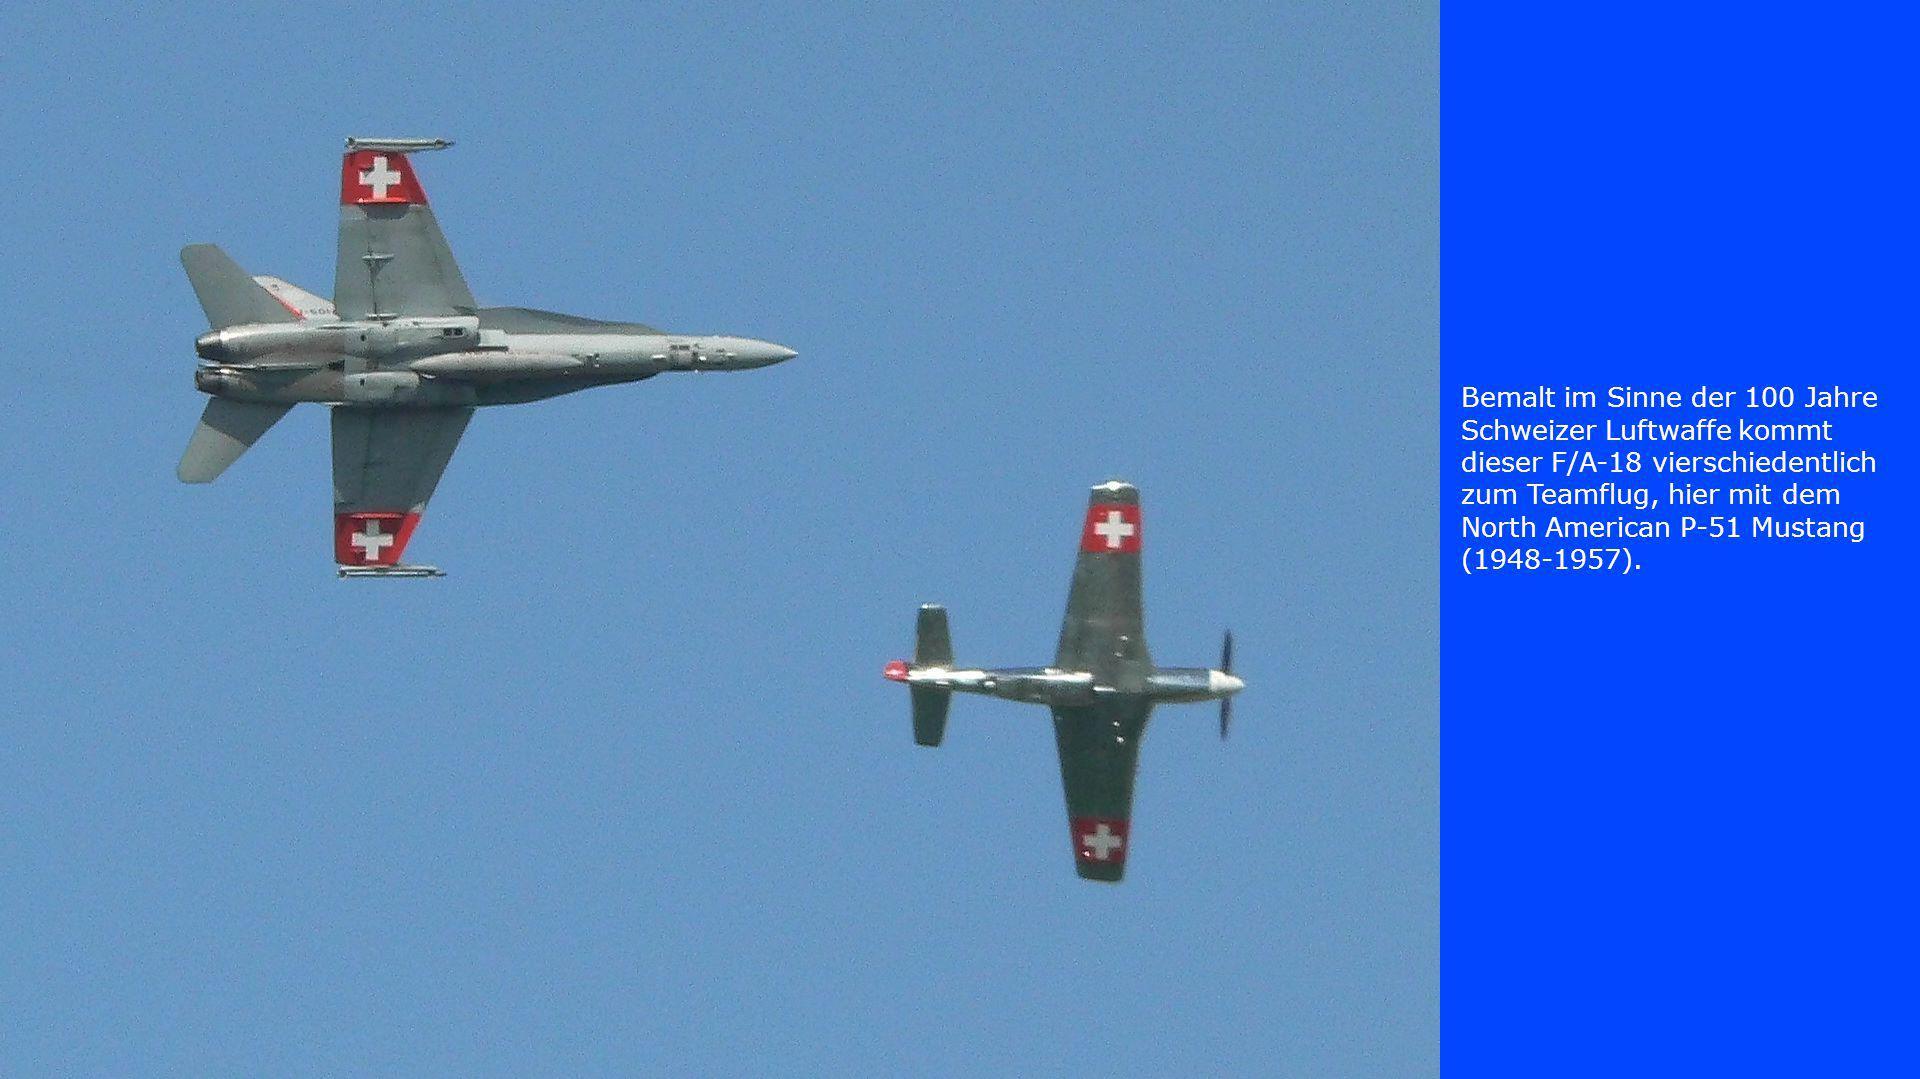 Bemalt im Sinne der 100 Jahre Schweizer Luftwaffe kommt dieser F/A-18 vierschiedentlich zum Teamflug, hier mit dem North American P-51 Mustang (1948-1